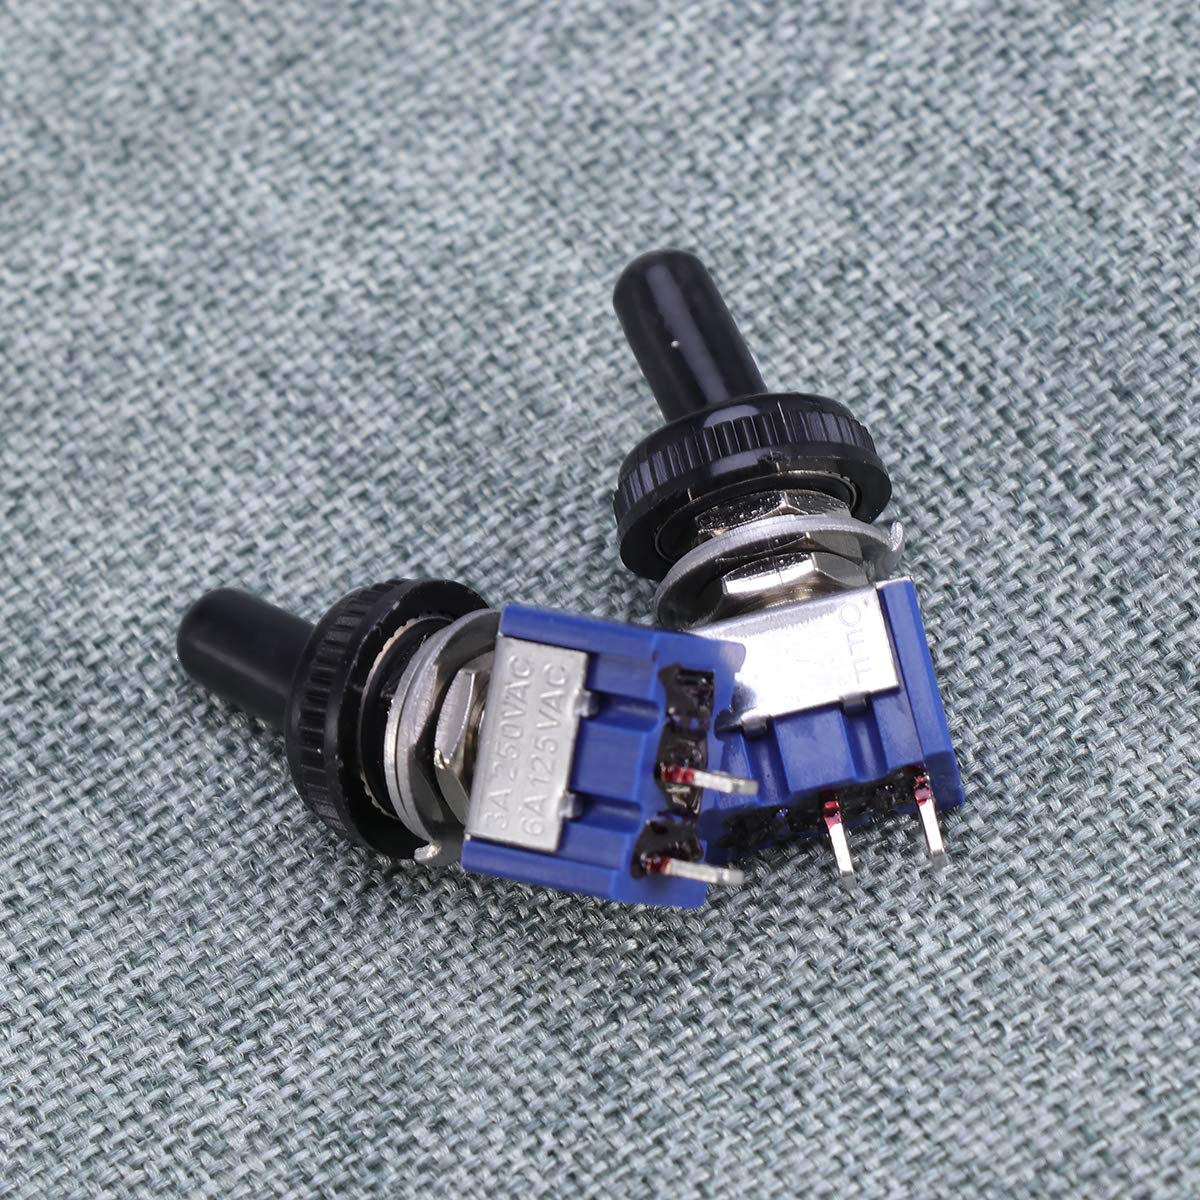 azul con 2 posiciones y con tapa de cobertura impermeable OULII 5/interruptores de palanca on-off de metal